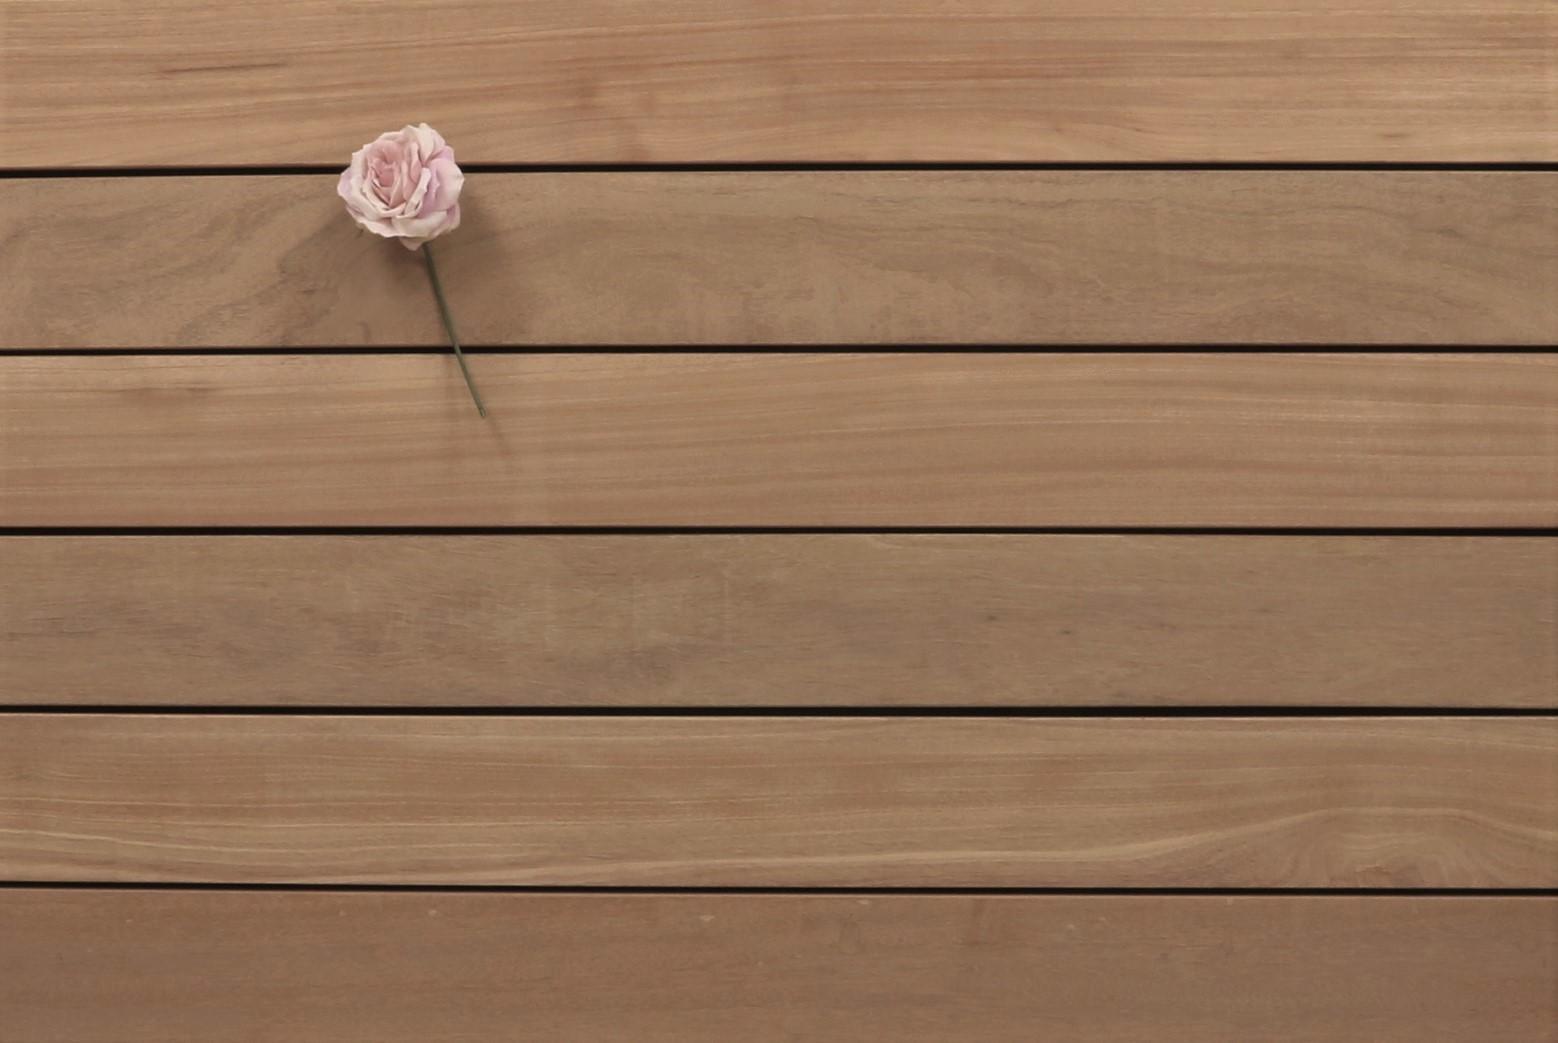 Angebot des Monats, Terrassendielen Bangkirai Premium (KD) 21 x 145 bis 4880 mm, glatt für 7,50 €/lfm